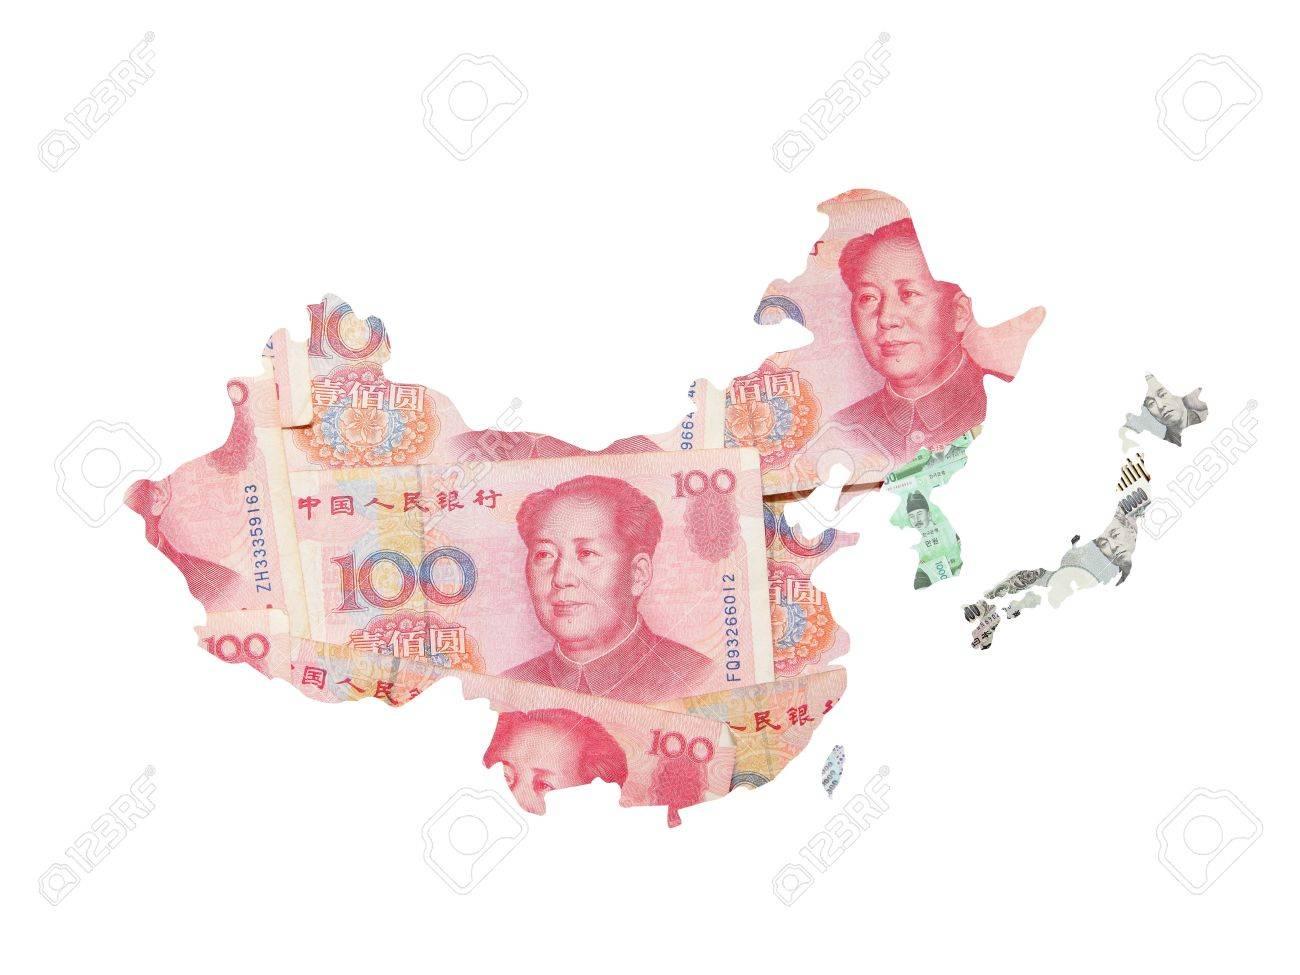 台湾 ドル 日本 円